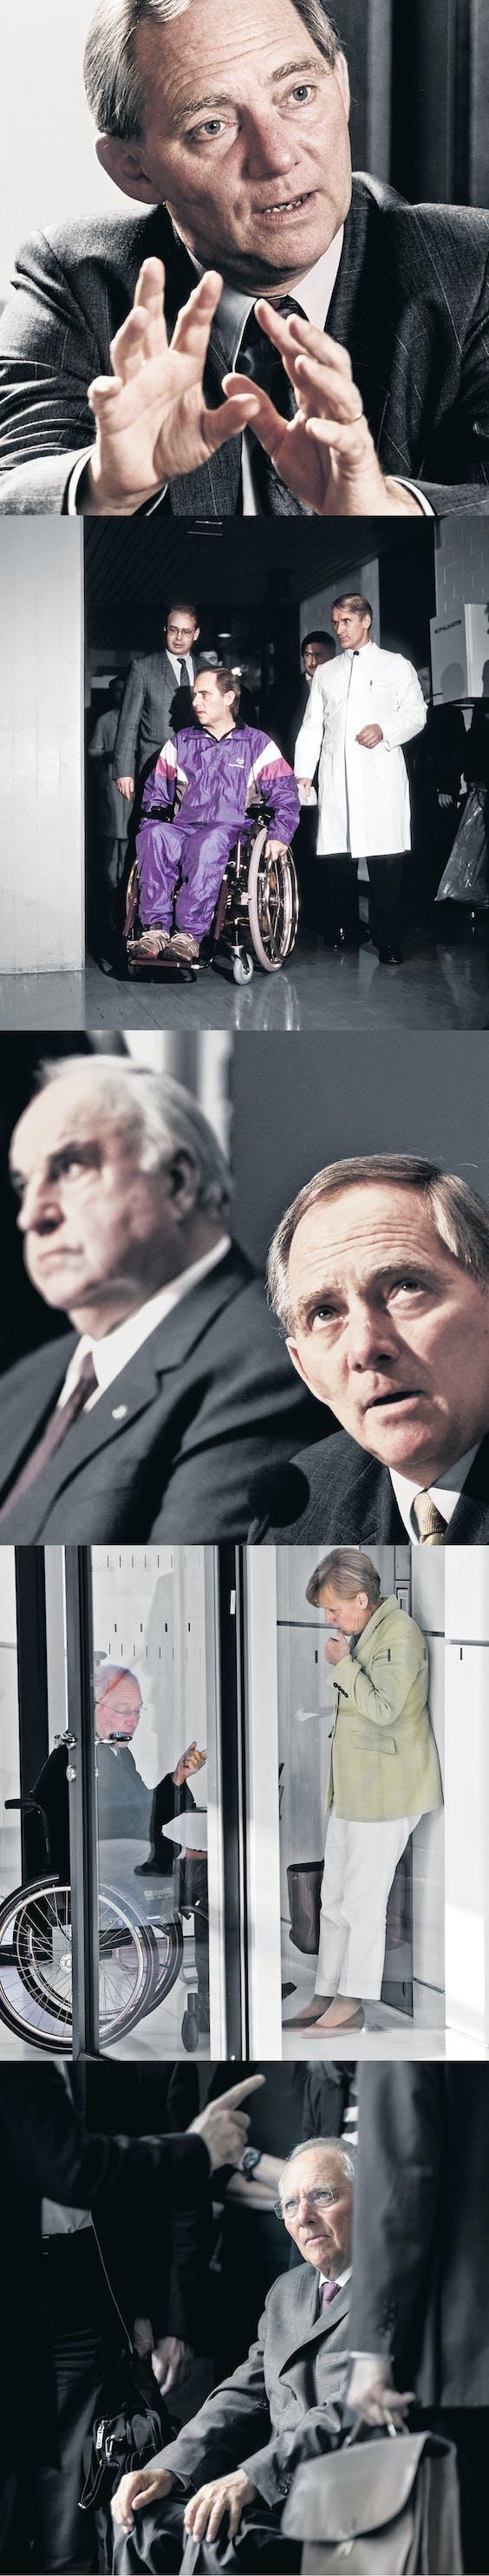 Foto1: 'Wolfgang Schäuble schuwt geen tegenwind en gaat ongemakkelijke situaties niet uit de weg', aldus bondskanselier Angela Merkel. Foto2: In oktober 1990 werd Schäuble neergeschoten tijdens een verkiezings- bijeenkomst. Sindsdien is hij op een rolstoel aangewezen. Foto3: Onder bondskanselier Helmut Kohl, hier op de achtergrond, gold Wolfgang Schäuble jarenlang als diens kroonprins. Foto4: De afgelopen vijf jaar treden Schäuble en Merkel in Europa op als een team, vaak in de rolverdeling 'good cop, bad cop'. Foto5: Tijdens de Griekse crisis dit voorjaar ging Schäuble er hard in, maar uiteindelijk zoekt hij altijd het compromis.